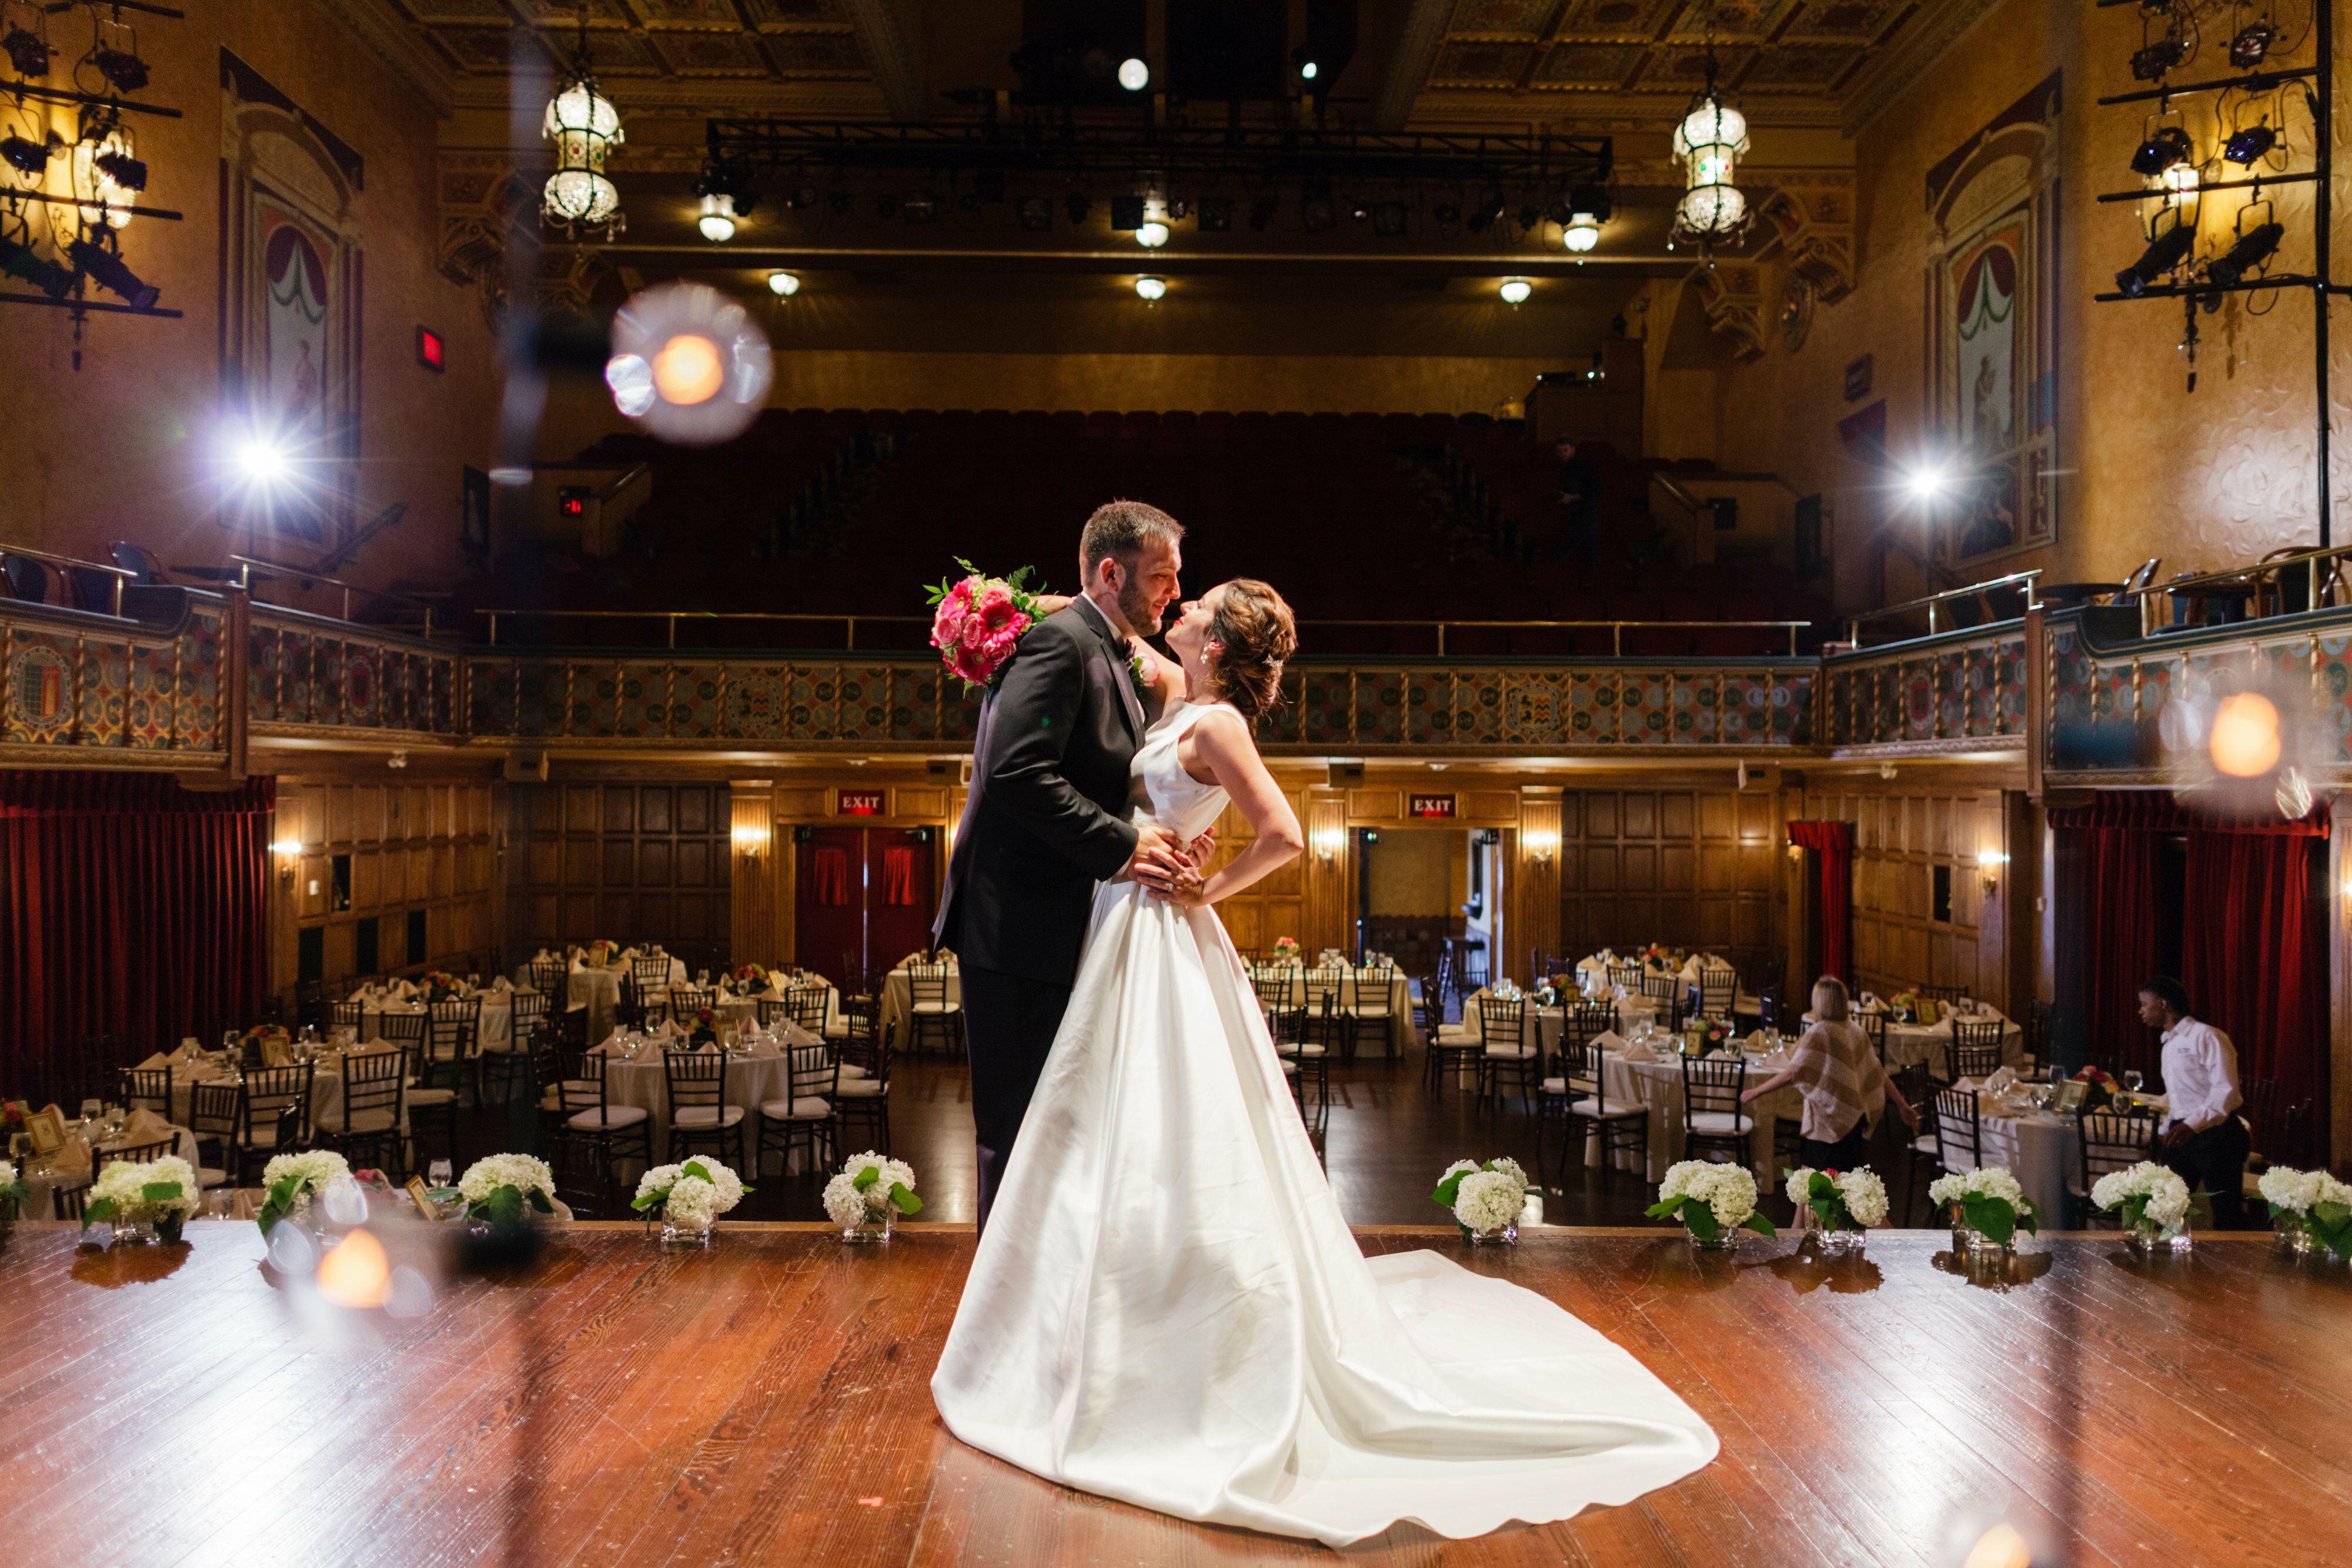 Wedding Reception Venues In Detroit MI